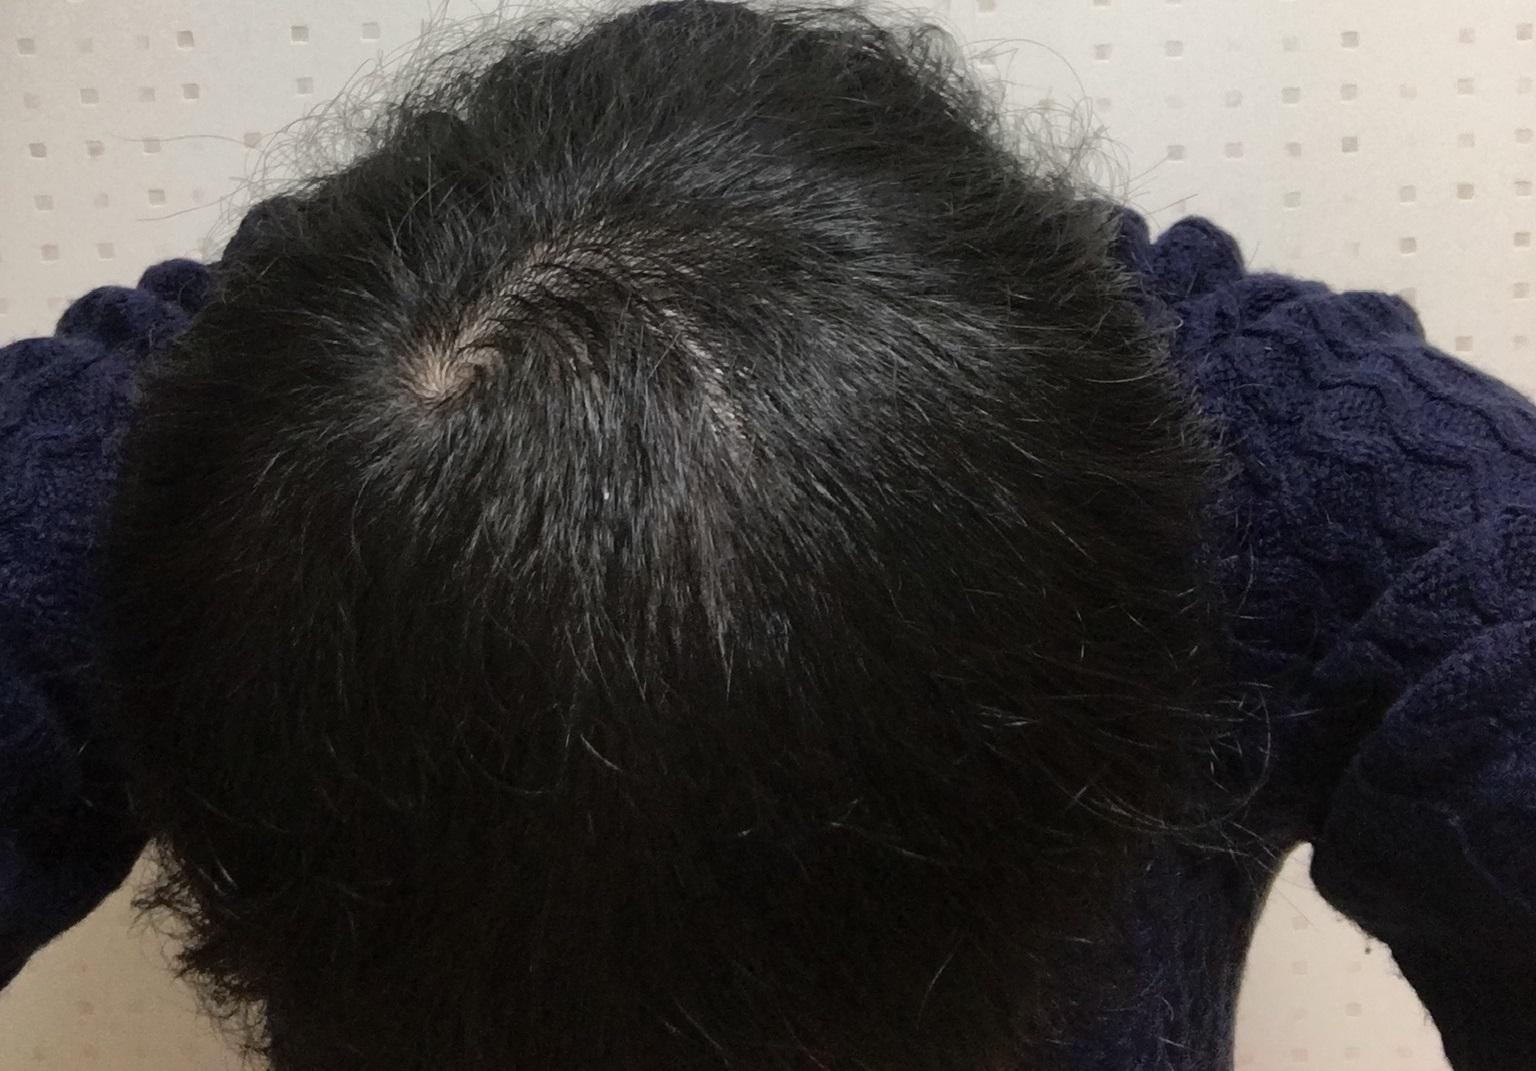 AGA治療2.5ヶ月